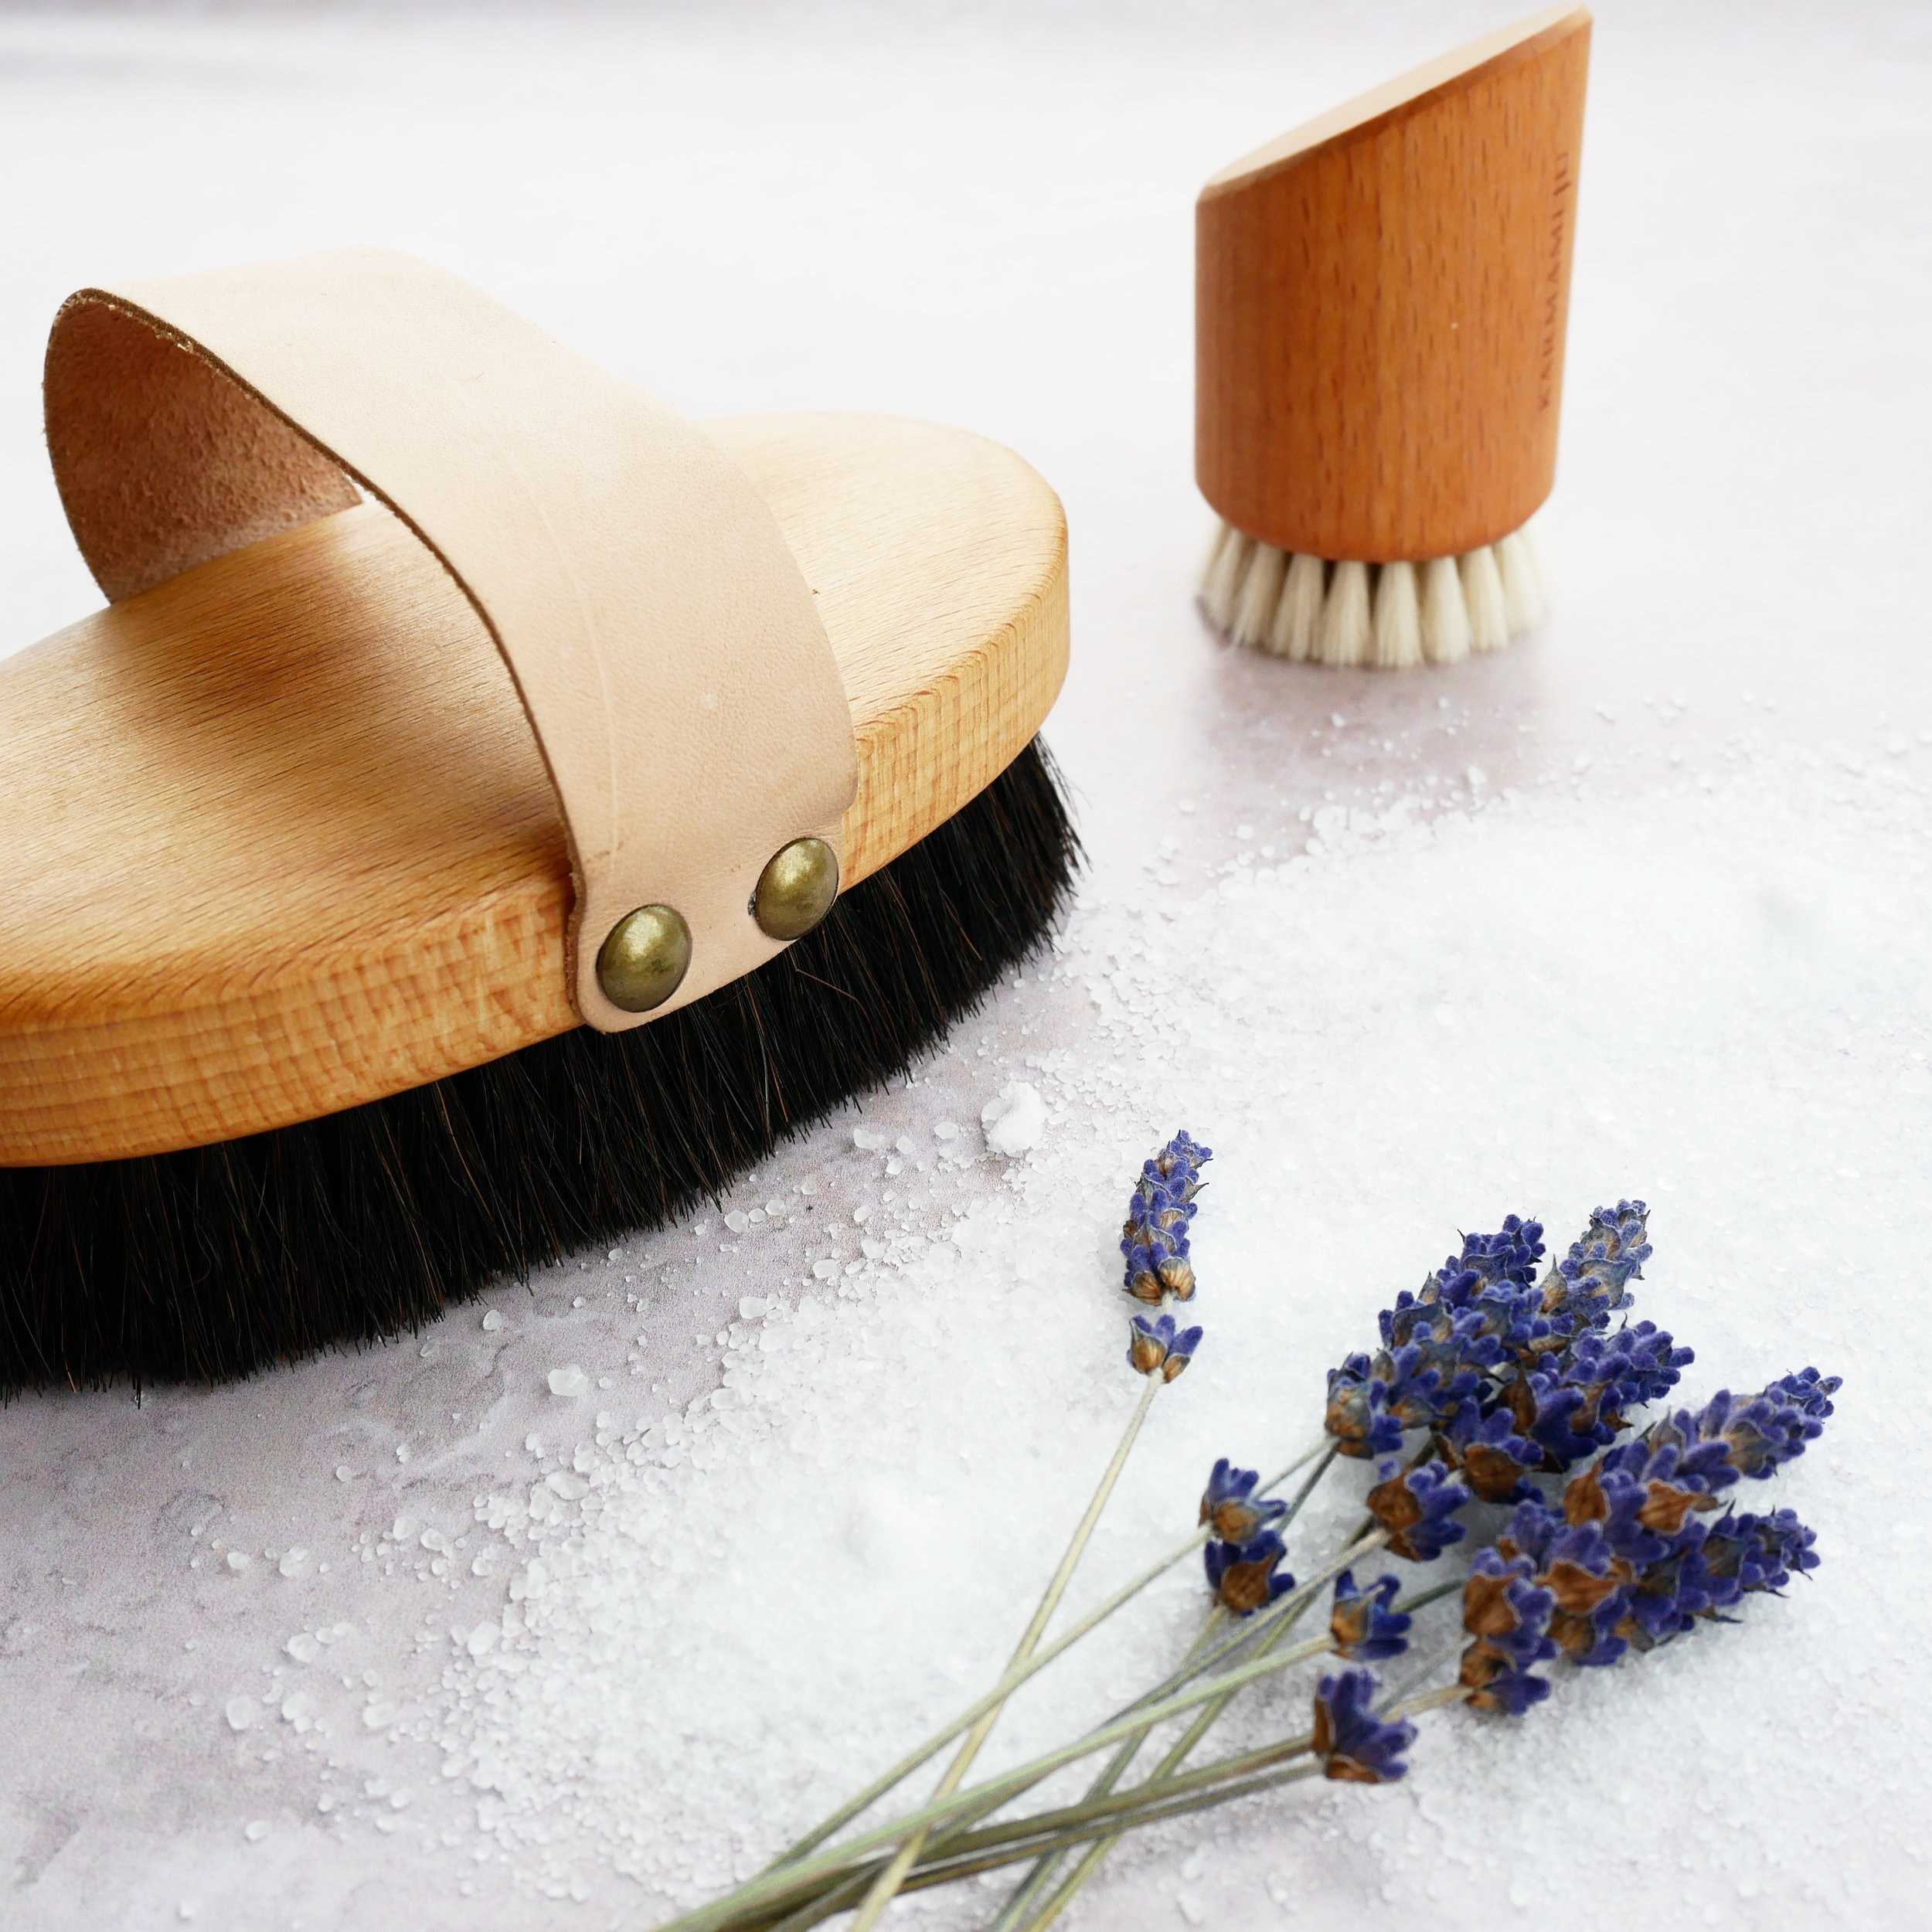 tørbørst dig til fastere hud